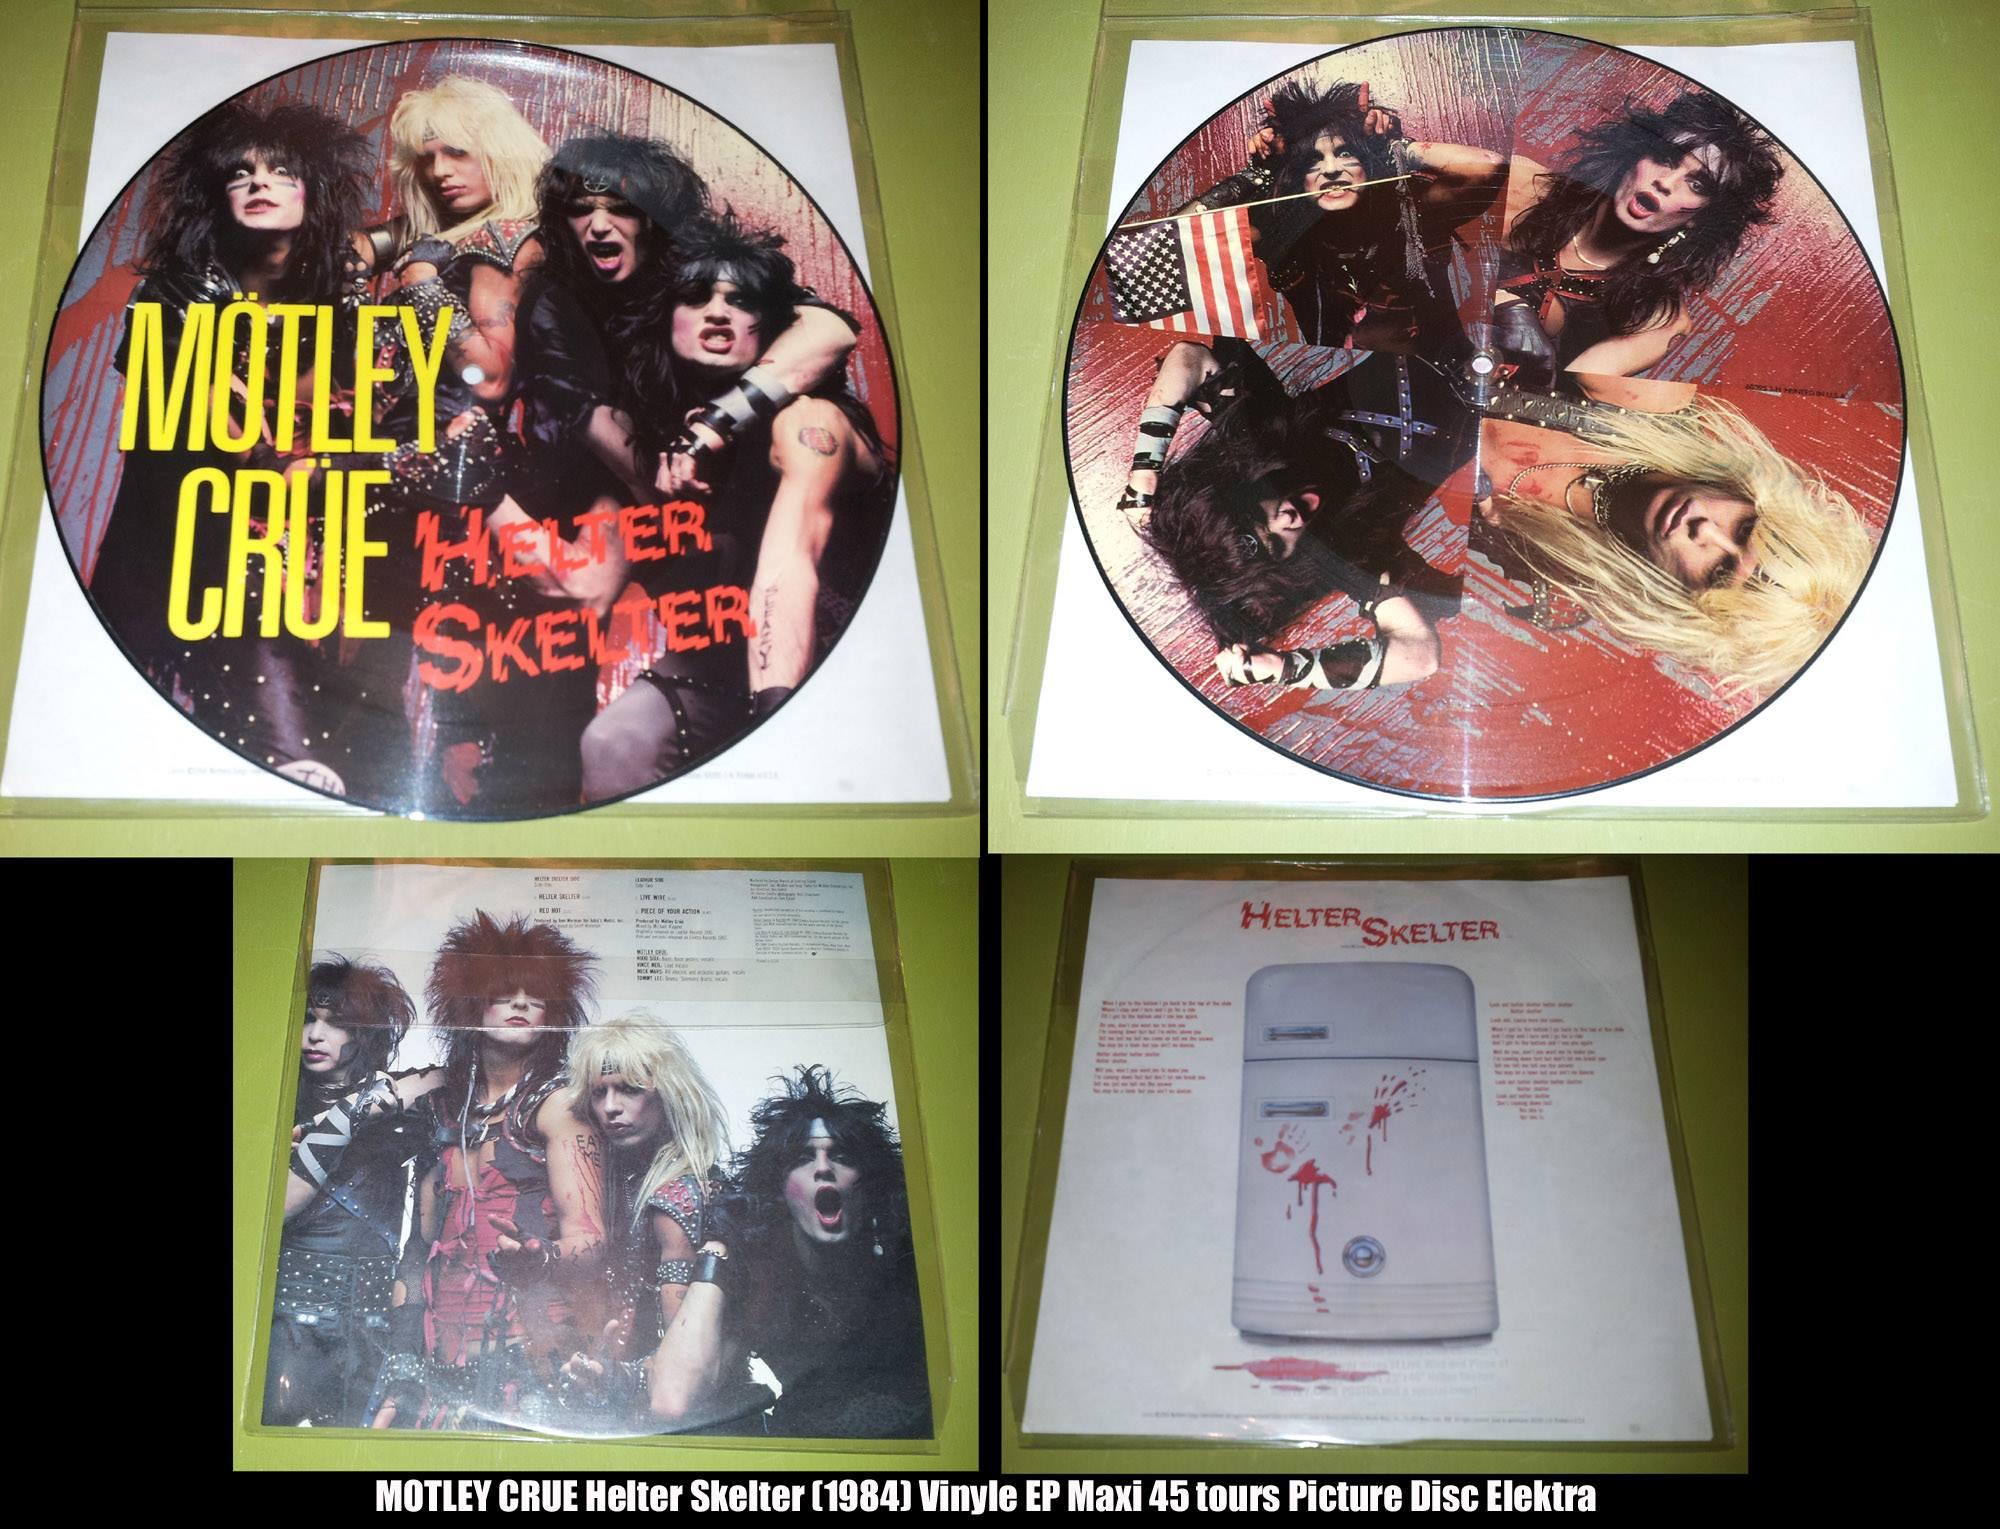 Vous avez des Pictures Disc? - Page 4 48397910